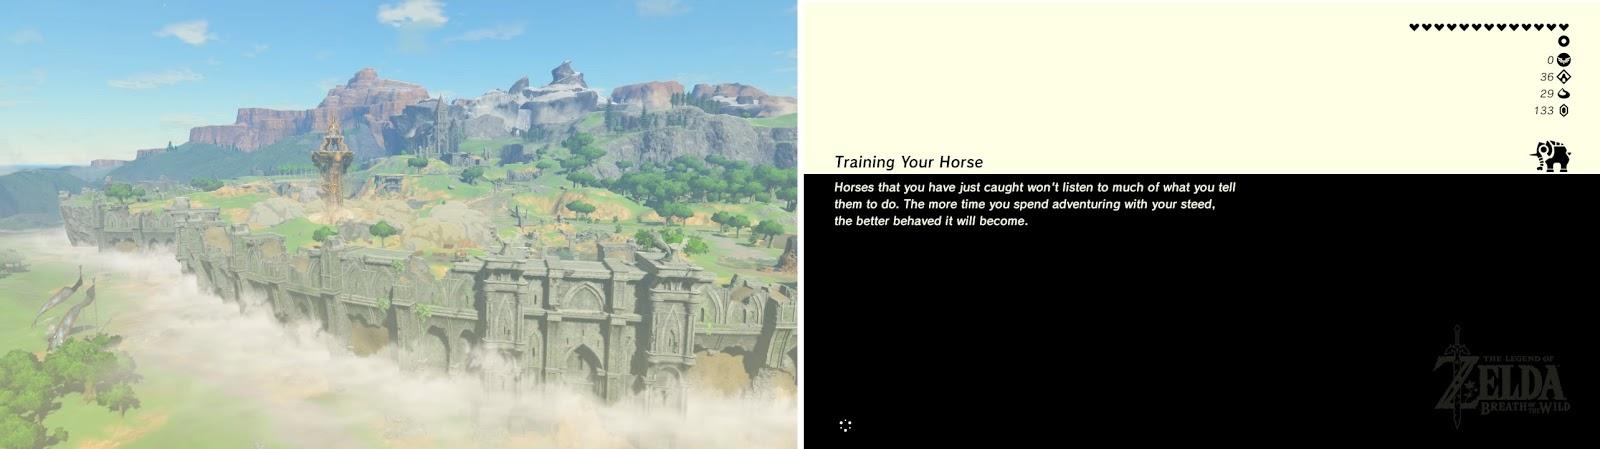 Legend of Zelda Breath of the Wild, Nintendo Switch, Best adventure game